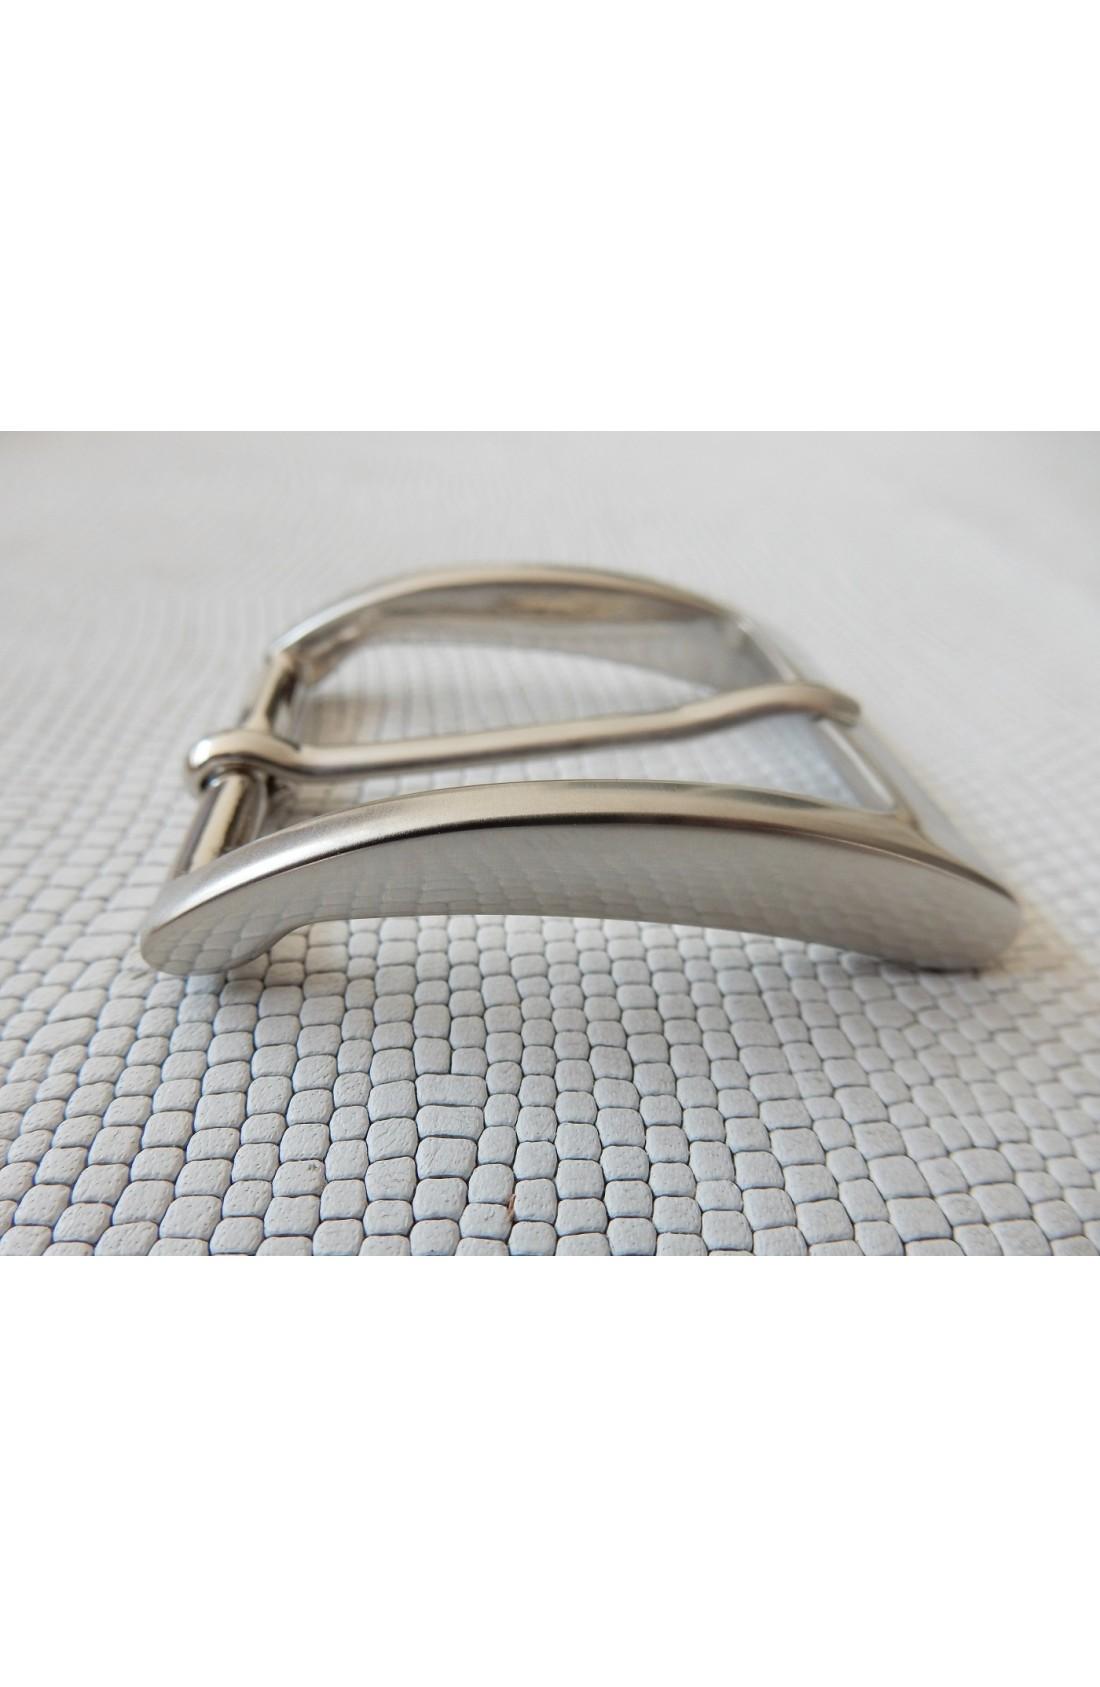 Fibbia Standard N 29 mm.30 nikel satinato free (2)